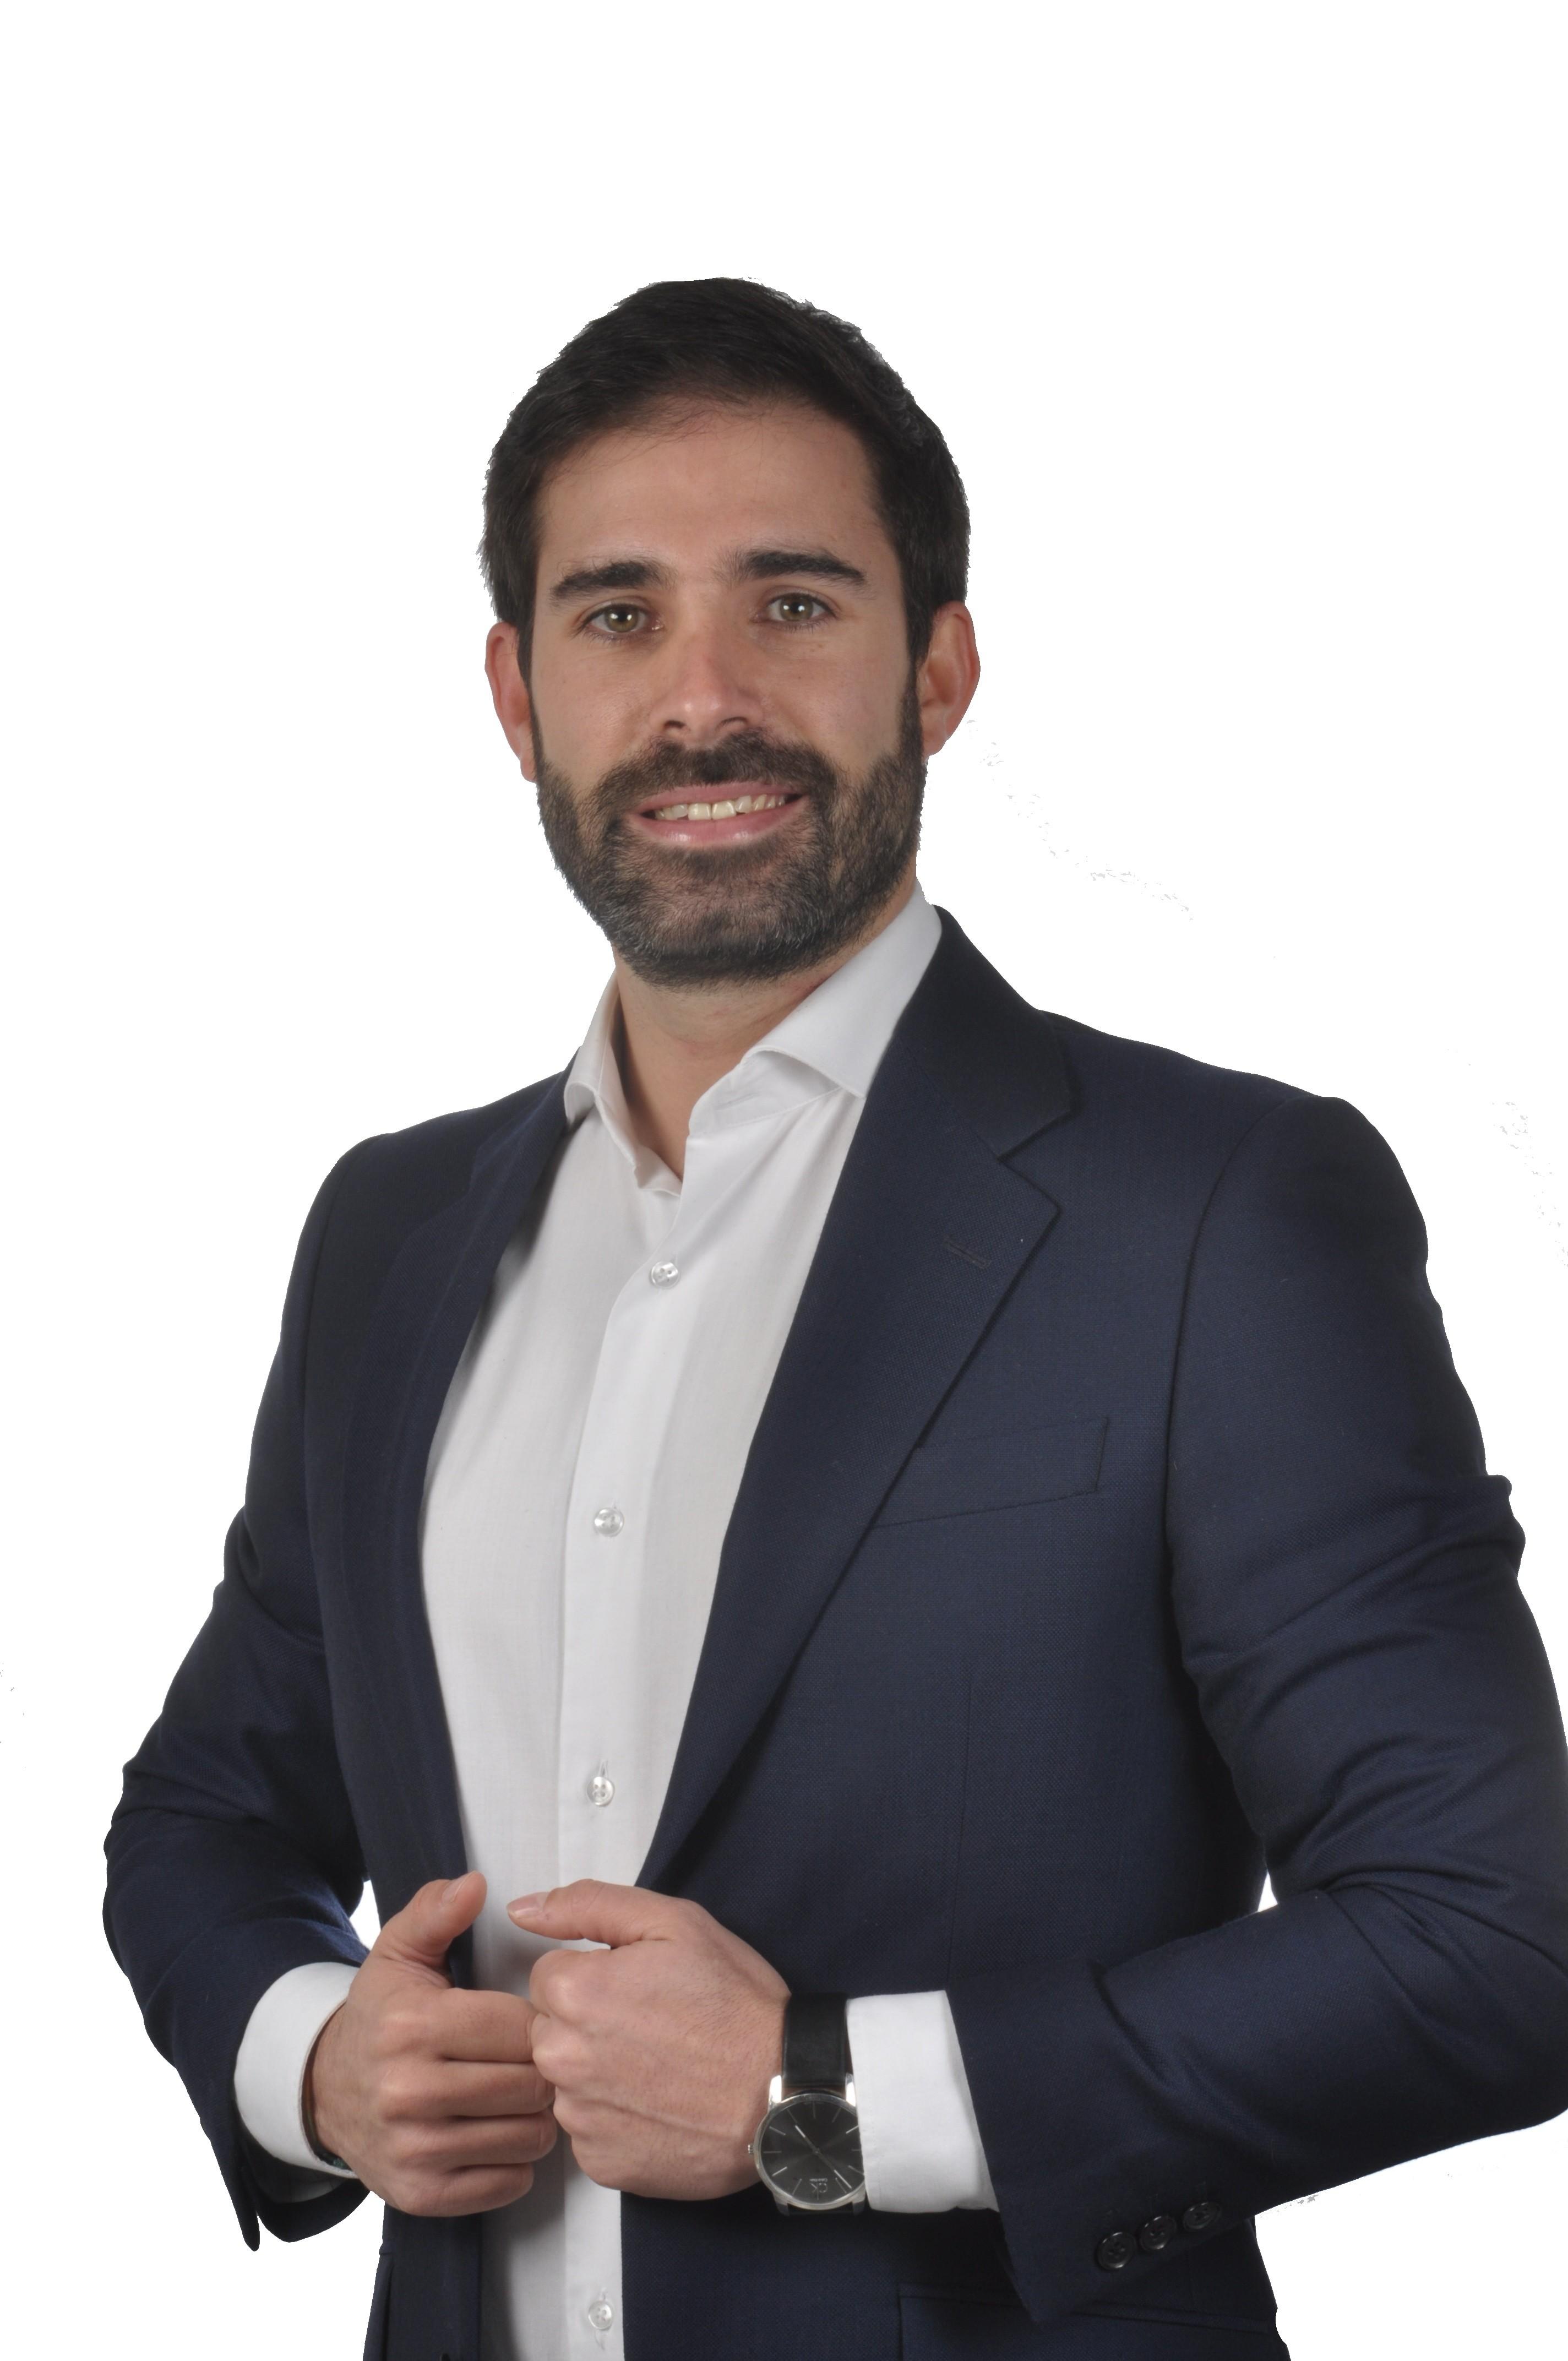 EDUARDO CRIADO LUCHSINGER